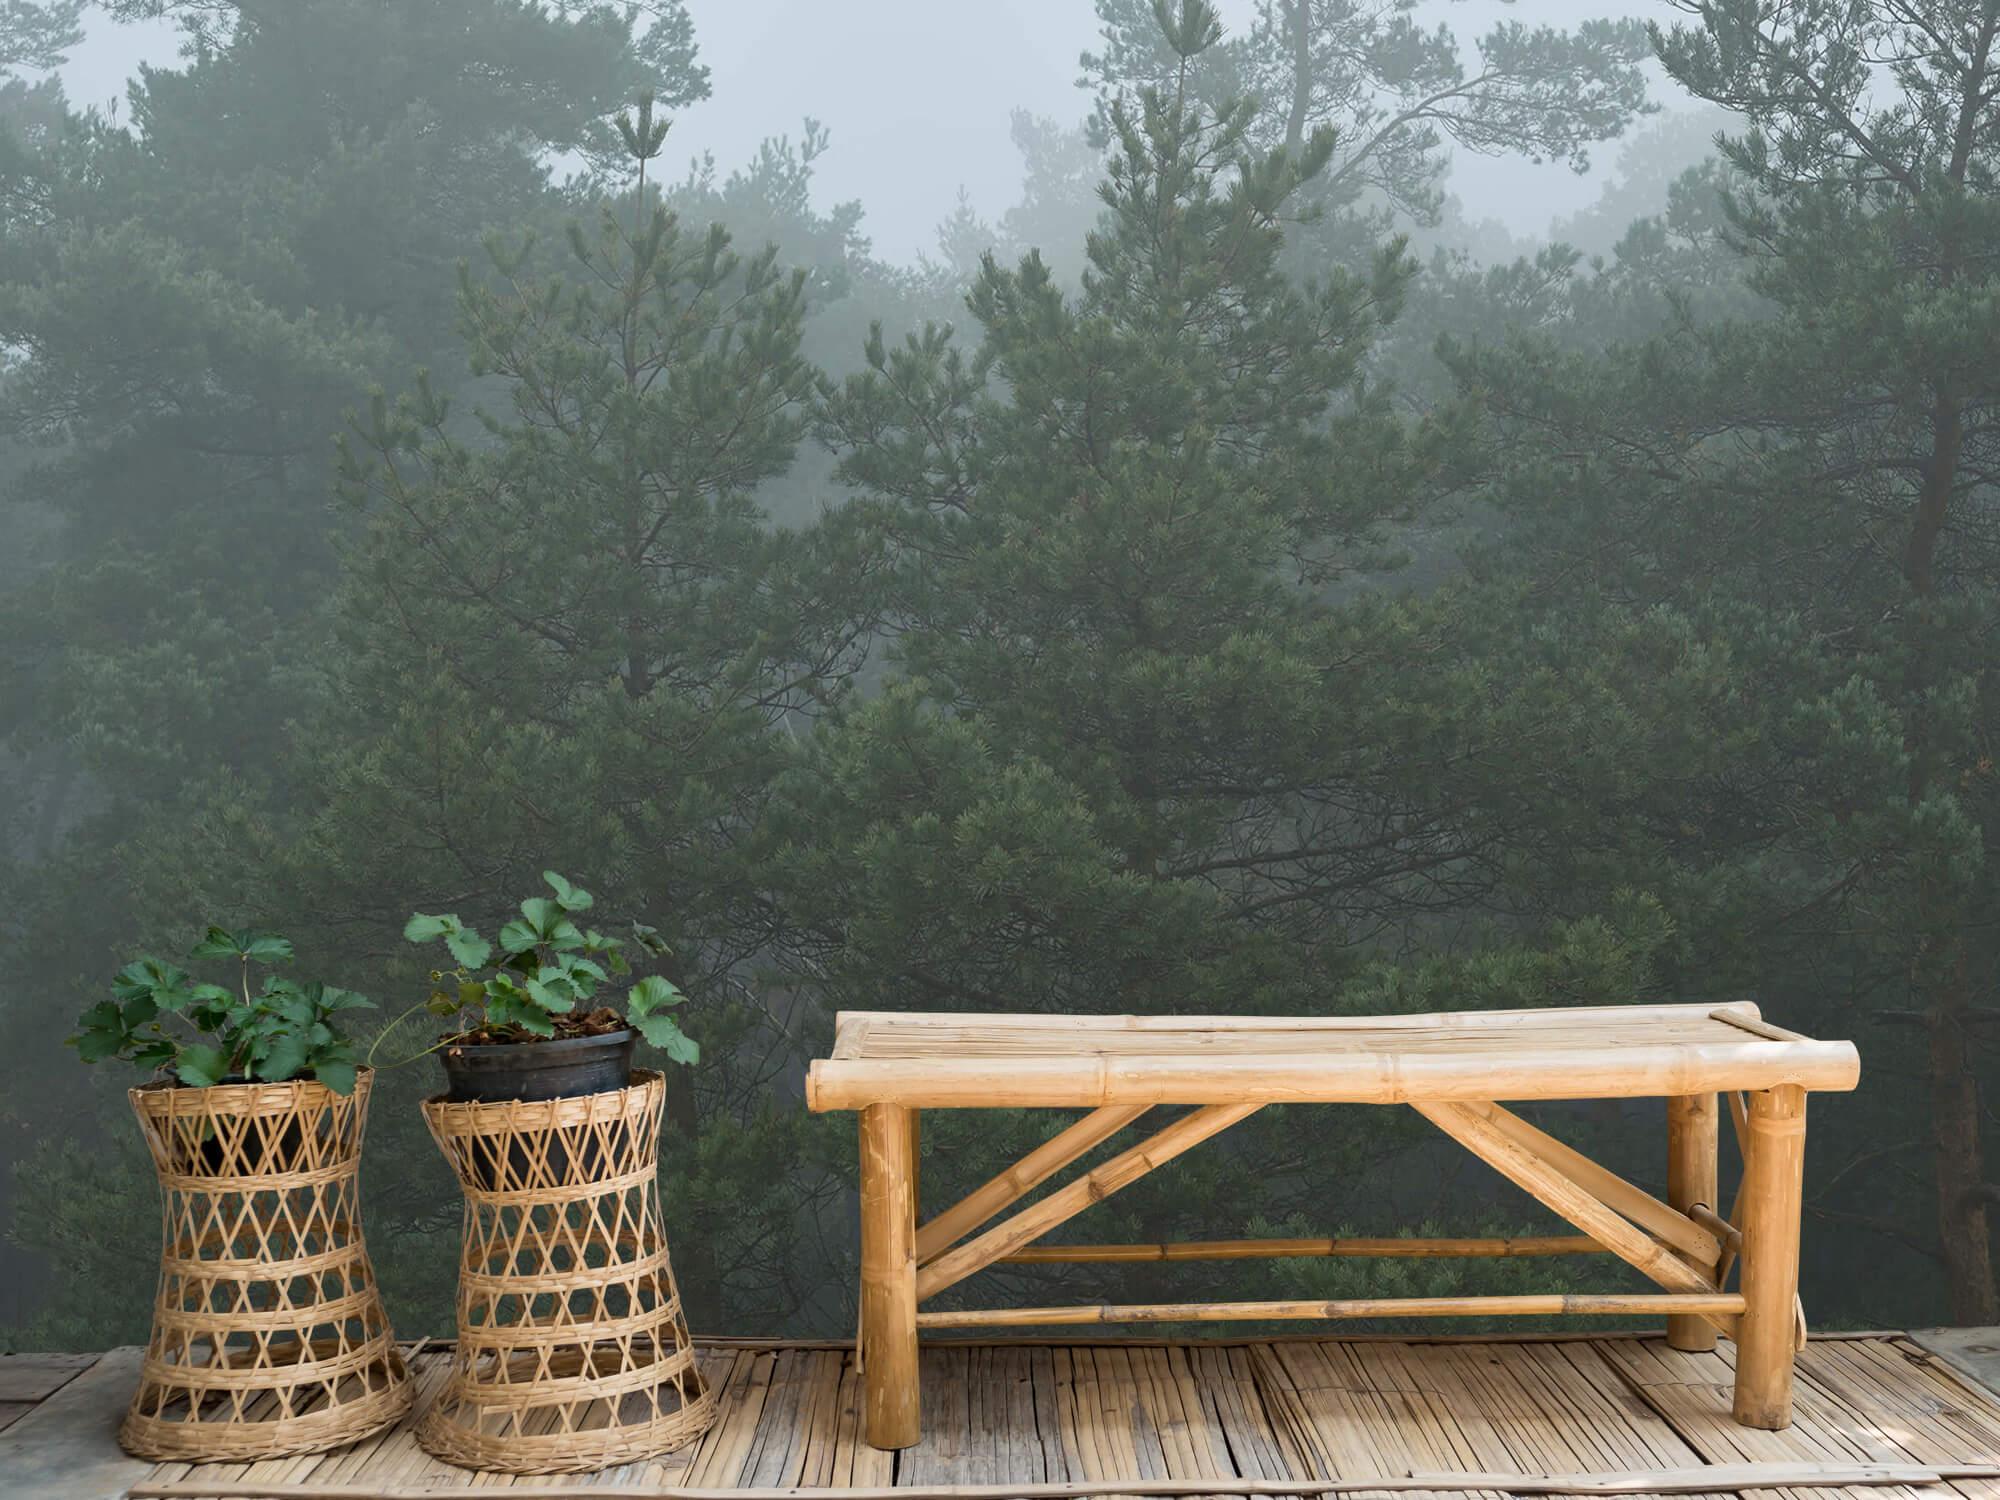 Natuur Naaldbomen in de mist 7